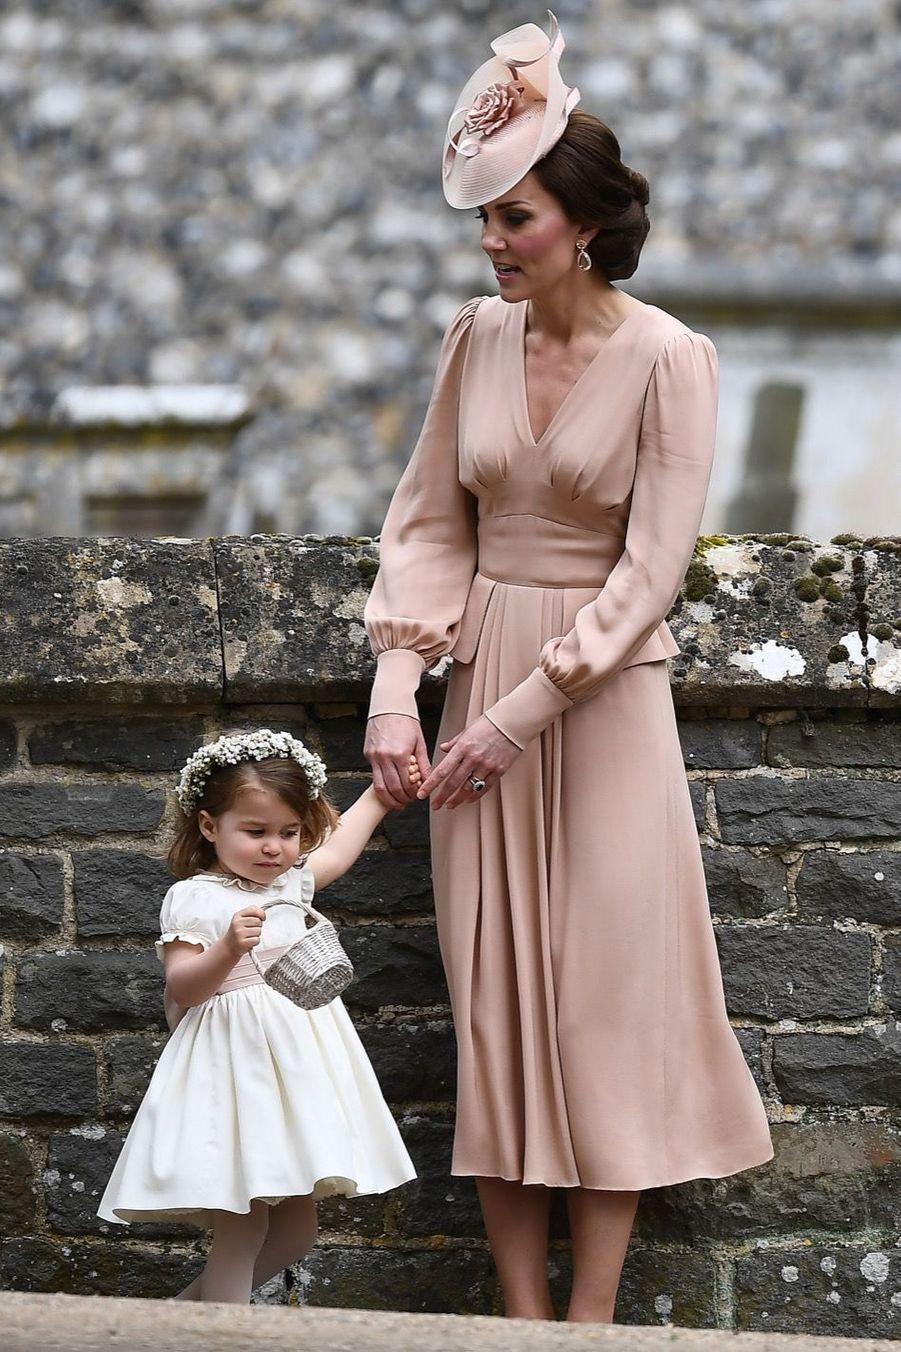 Le Prince George Et La Princesse Charlotte Au Mariage De Leur Tante Pippa Middleton 4